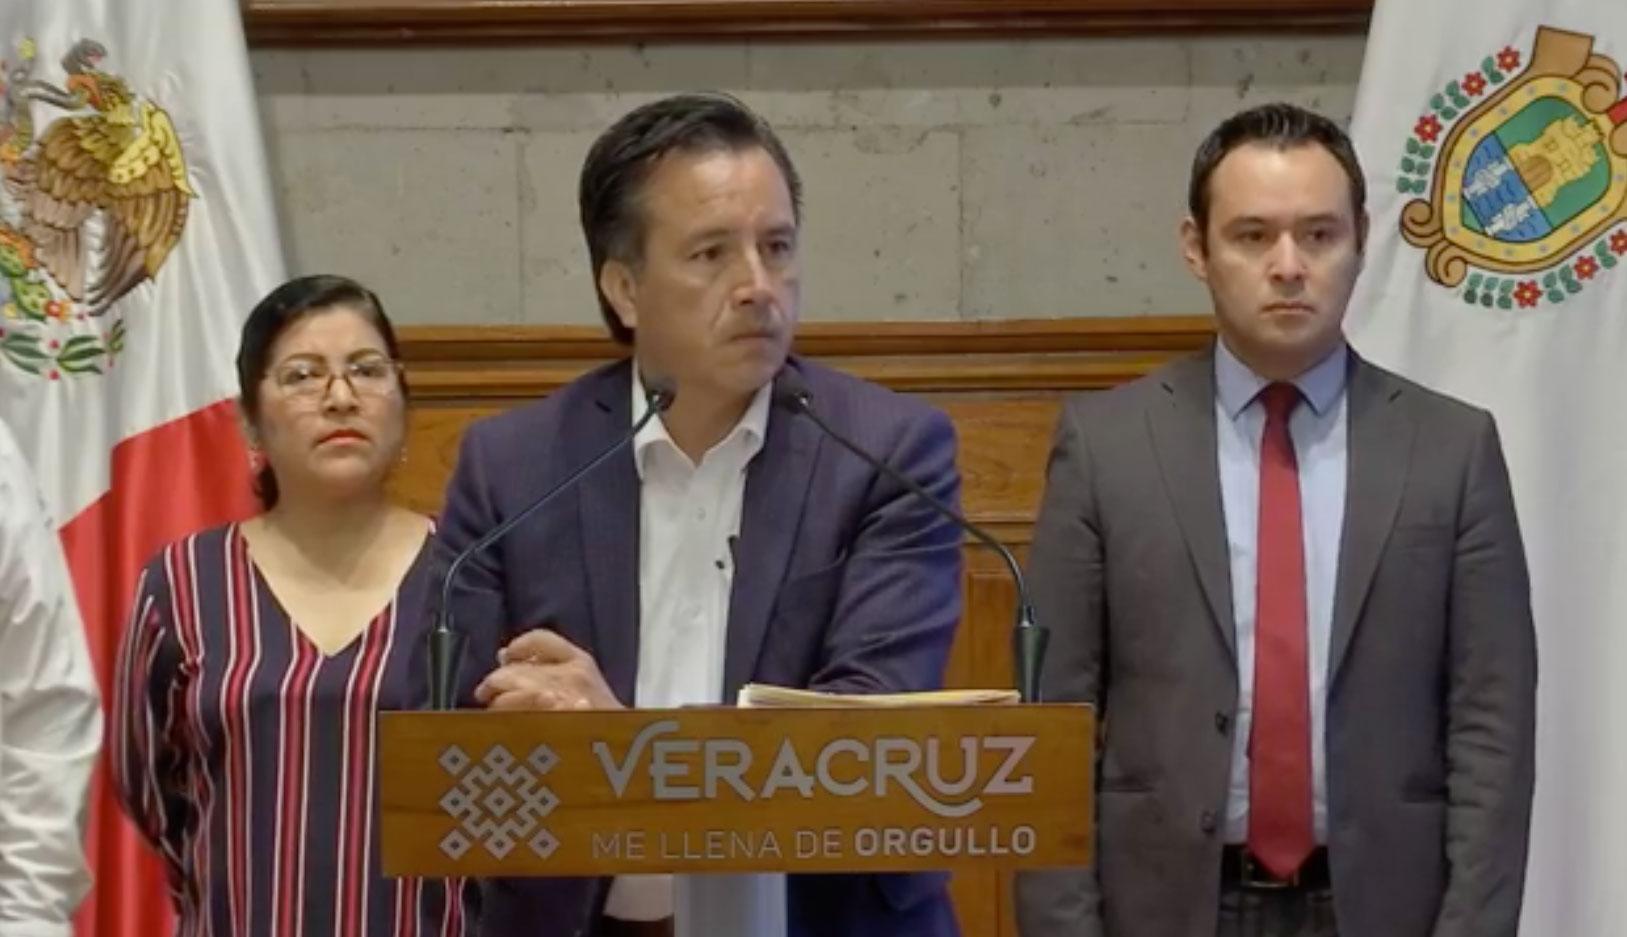 El gobernador, Cuitláhuac García Jiménez opinó sobre el comunicado emitido por el fiscal removido, Jorge Winckler Ortiz, quien acusó de persecución política.